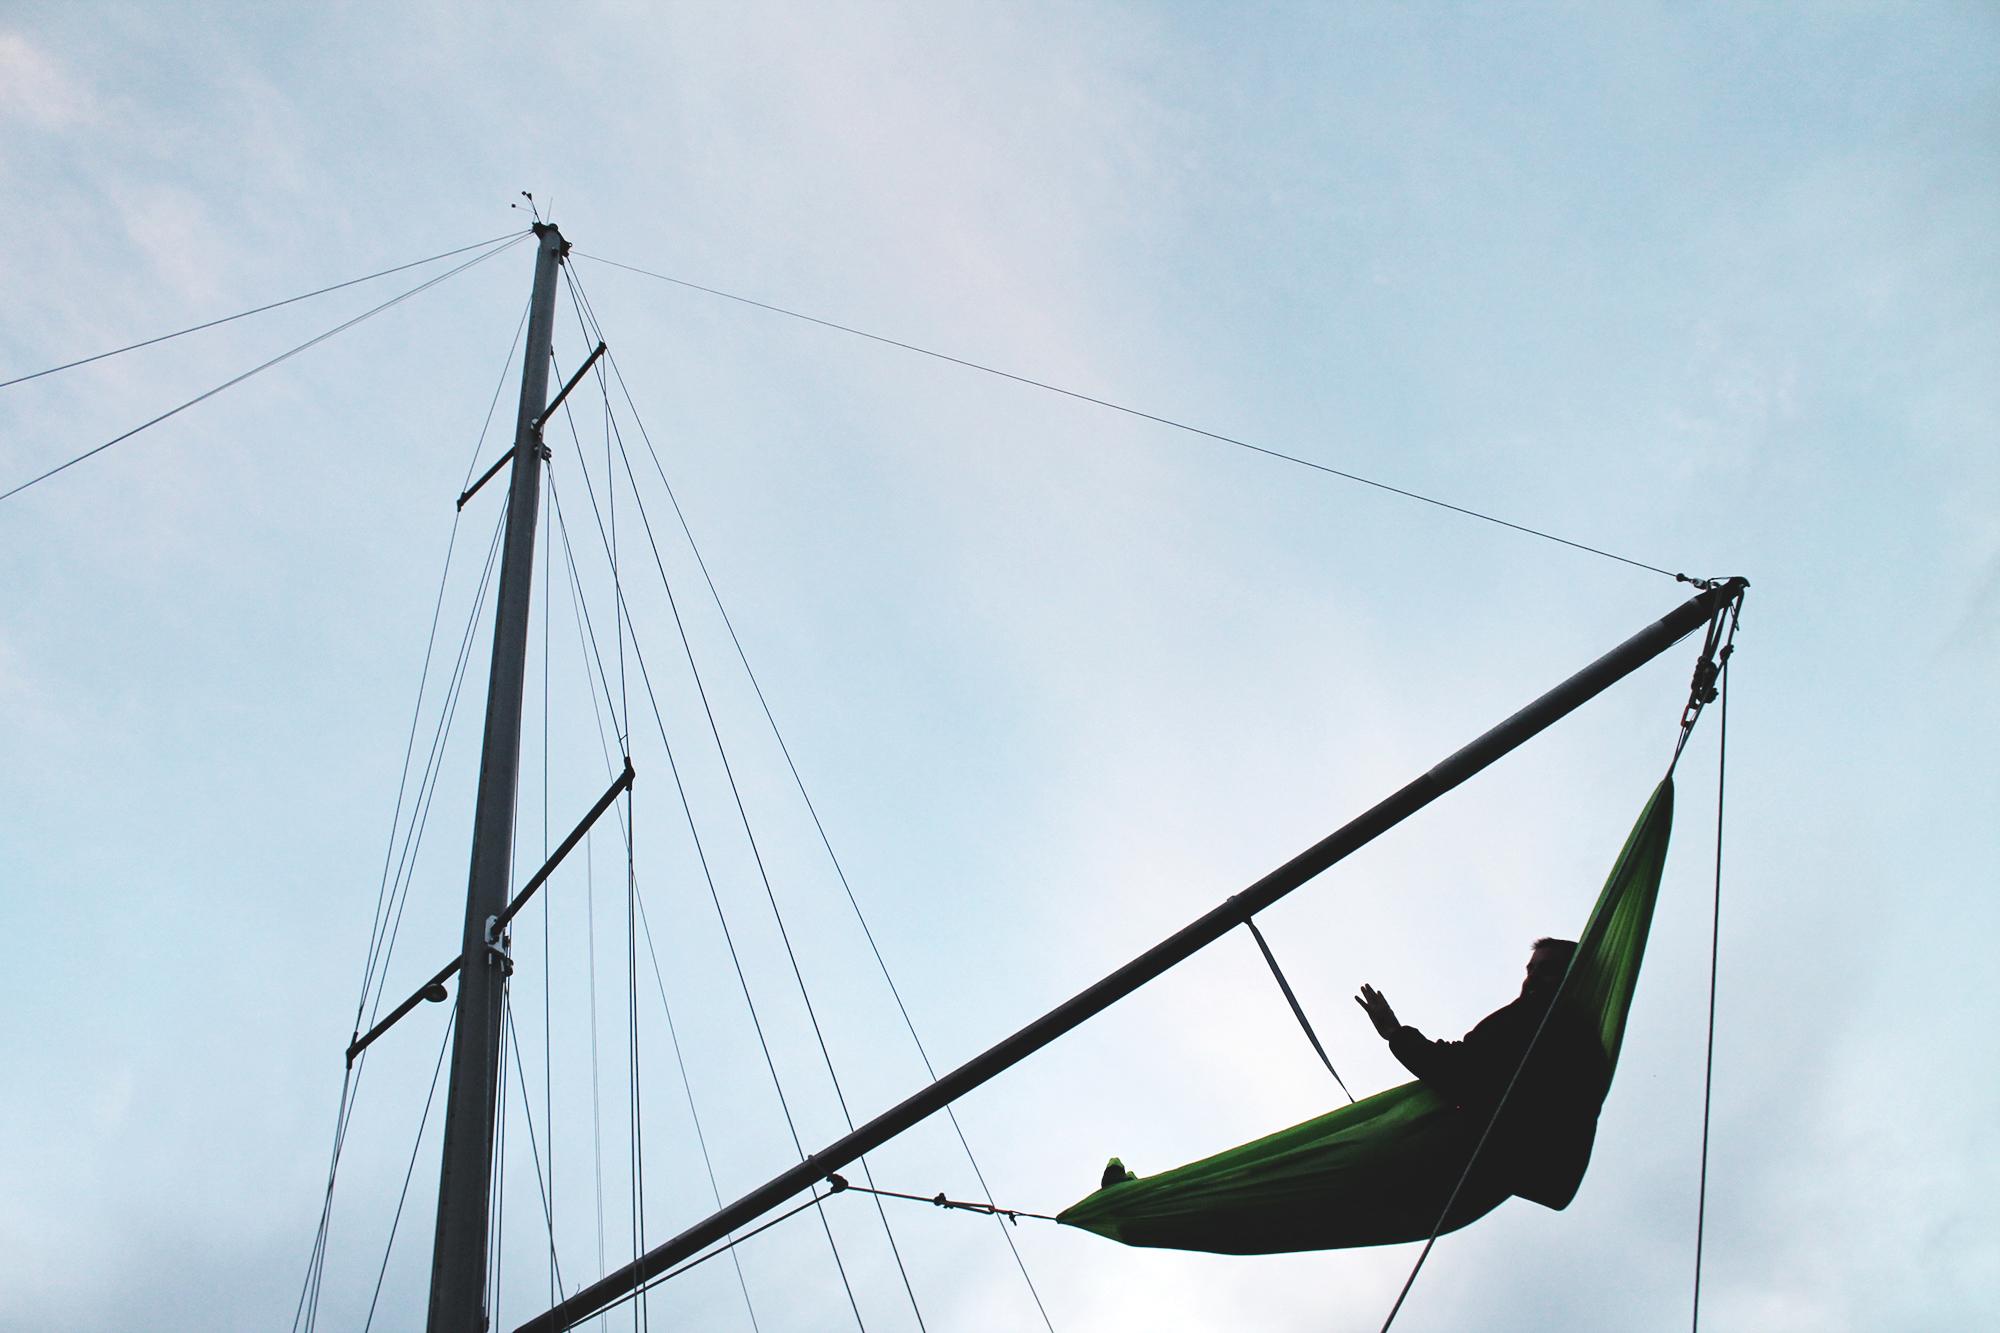 16.09.18.sail.16